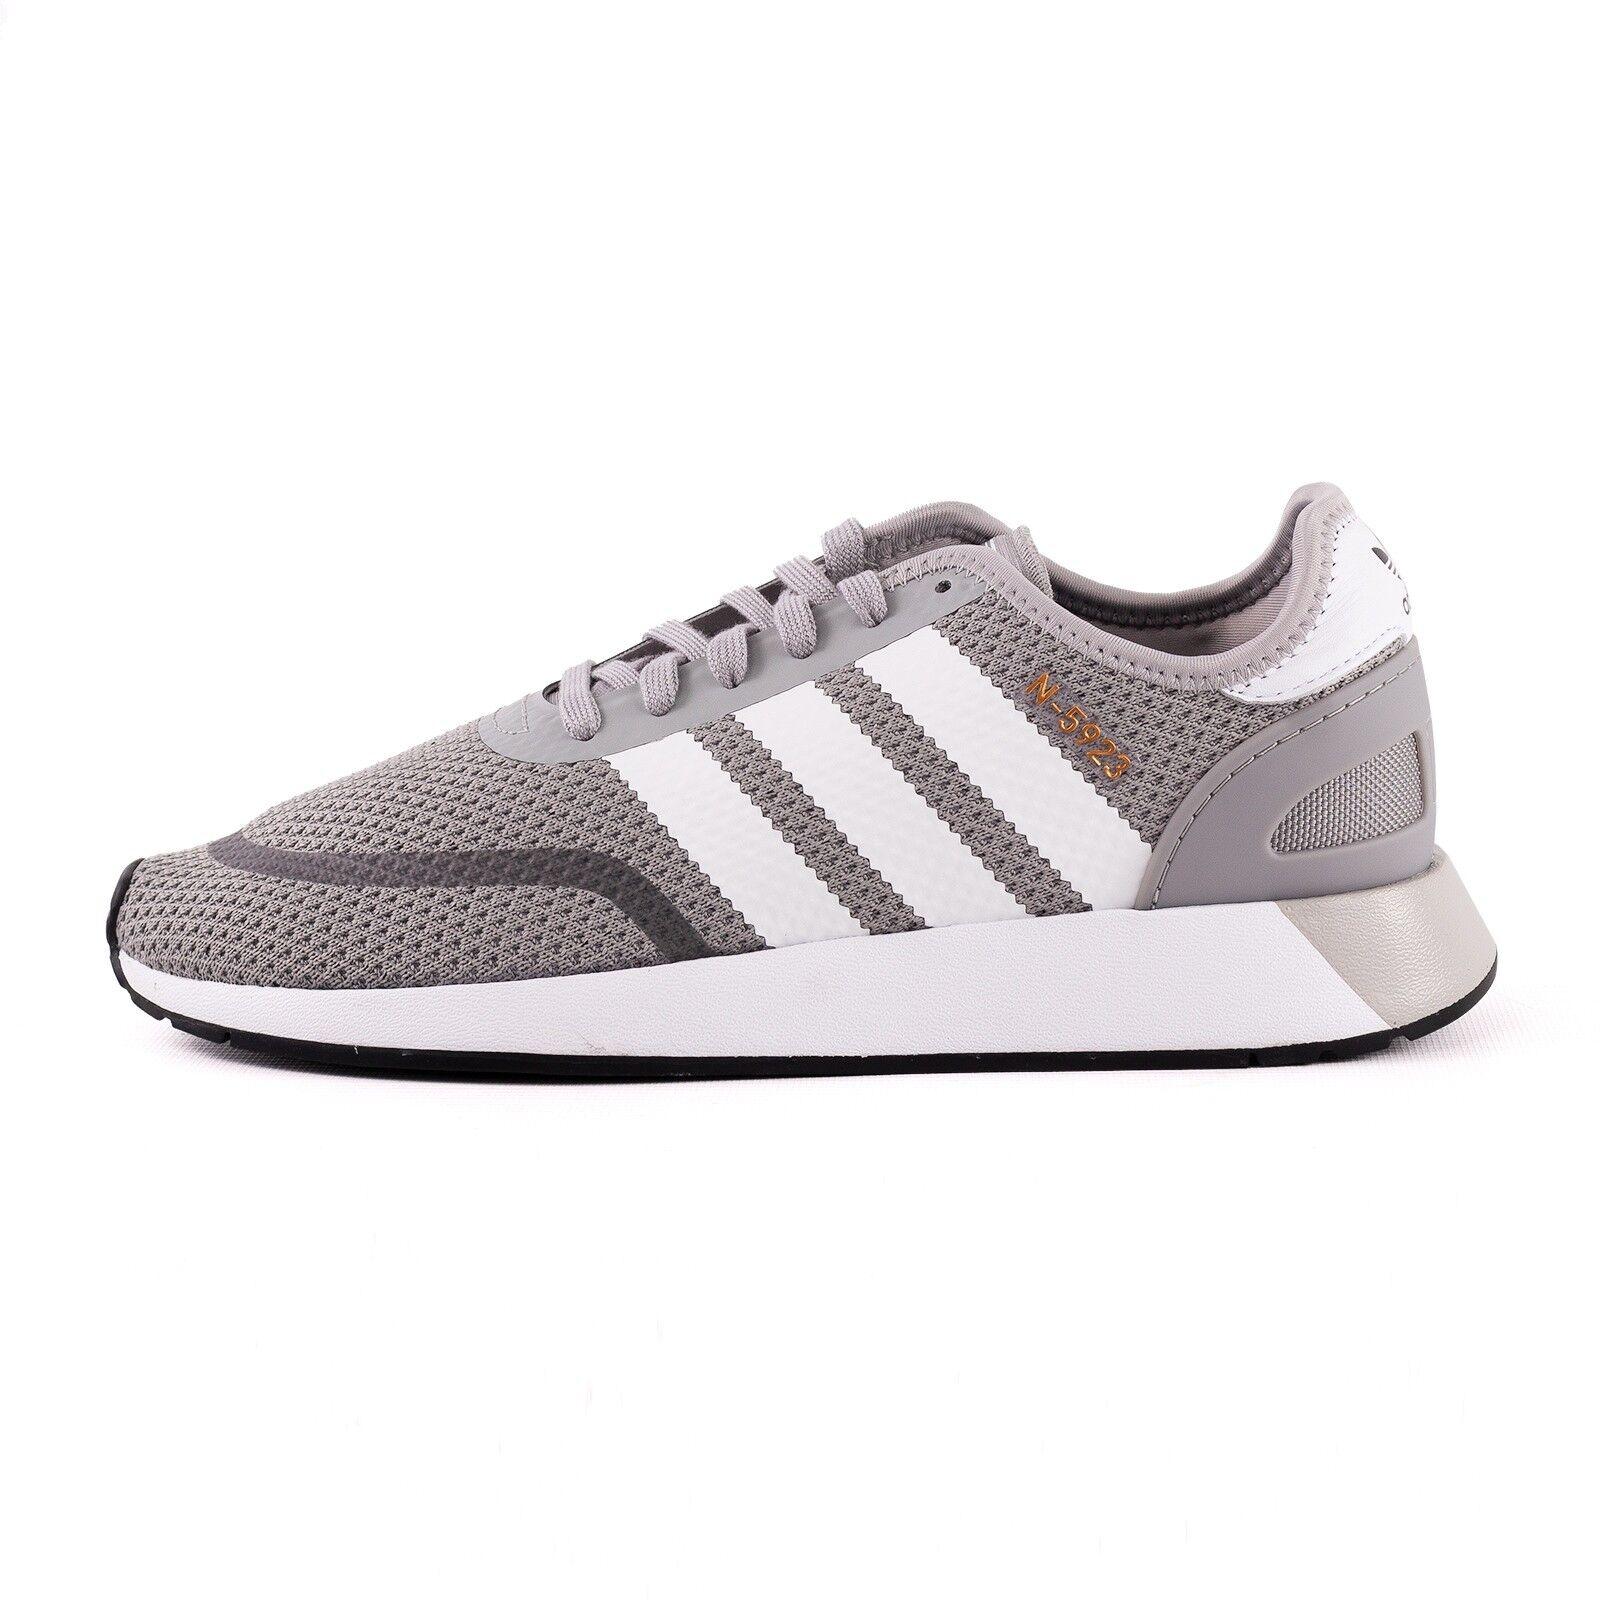 Adidas n-5923 zapatos calcetines cortos gris blancoo 51434